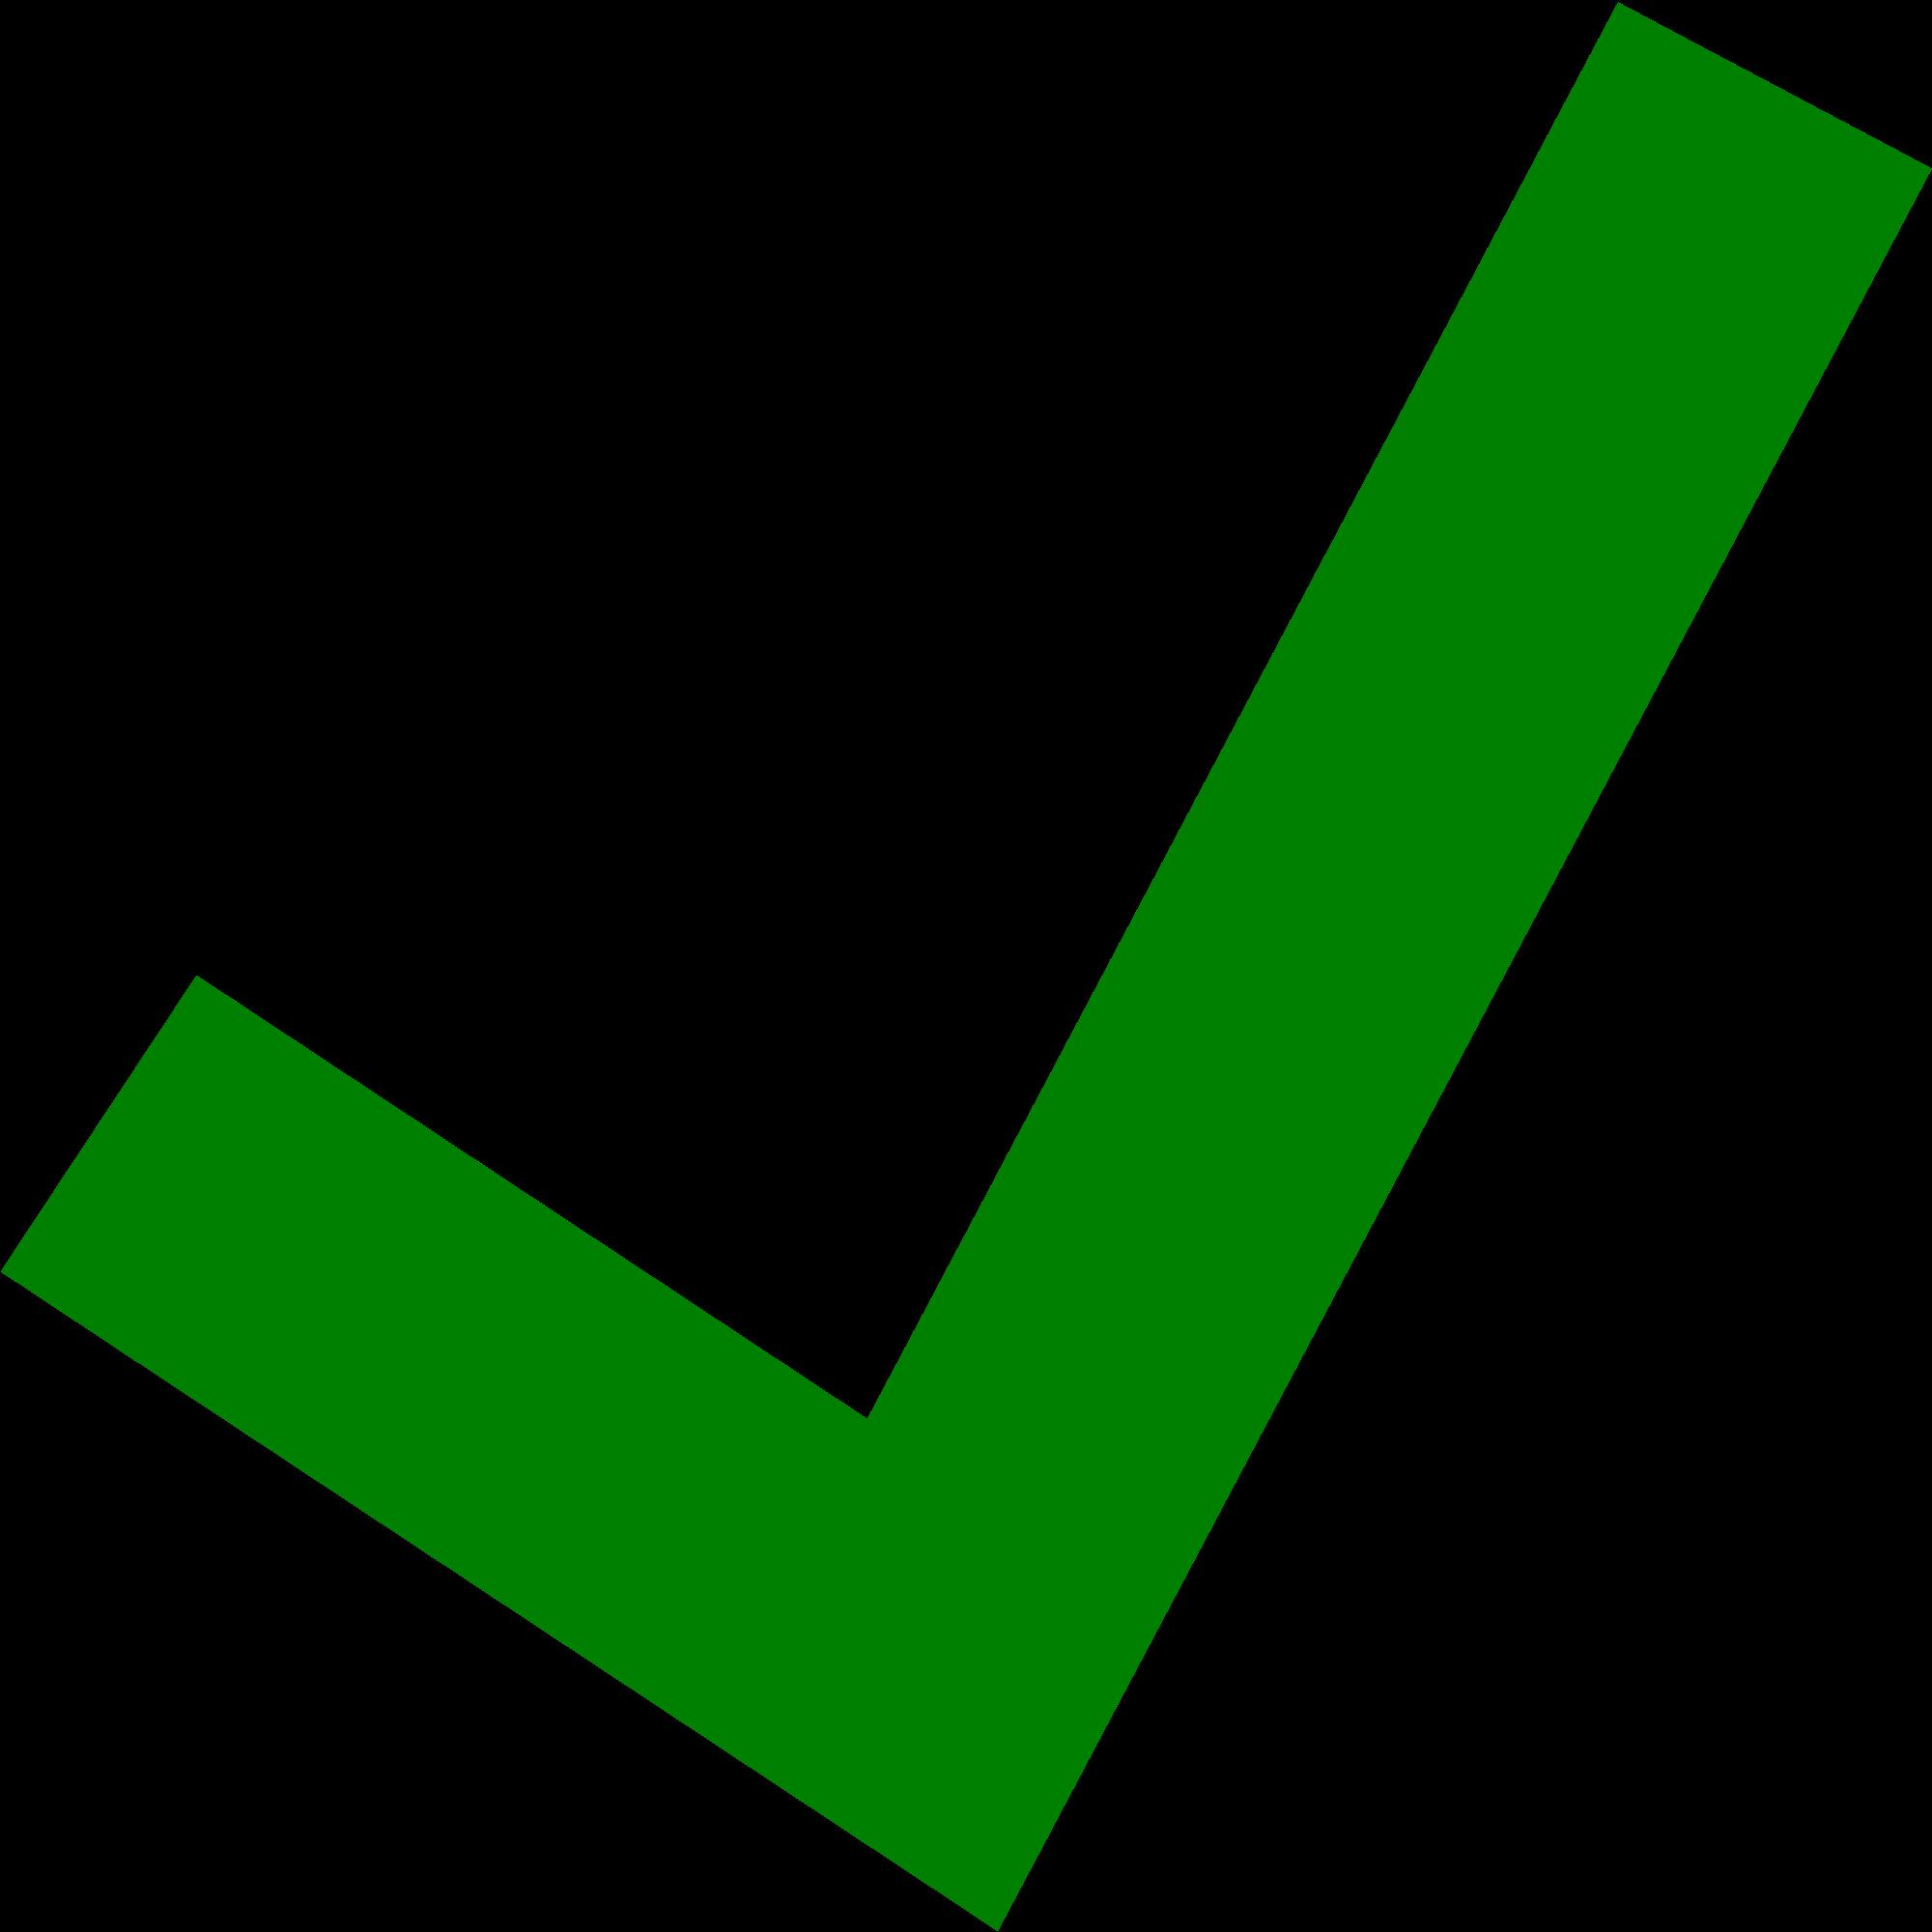 green clipart ticks